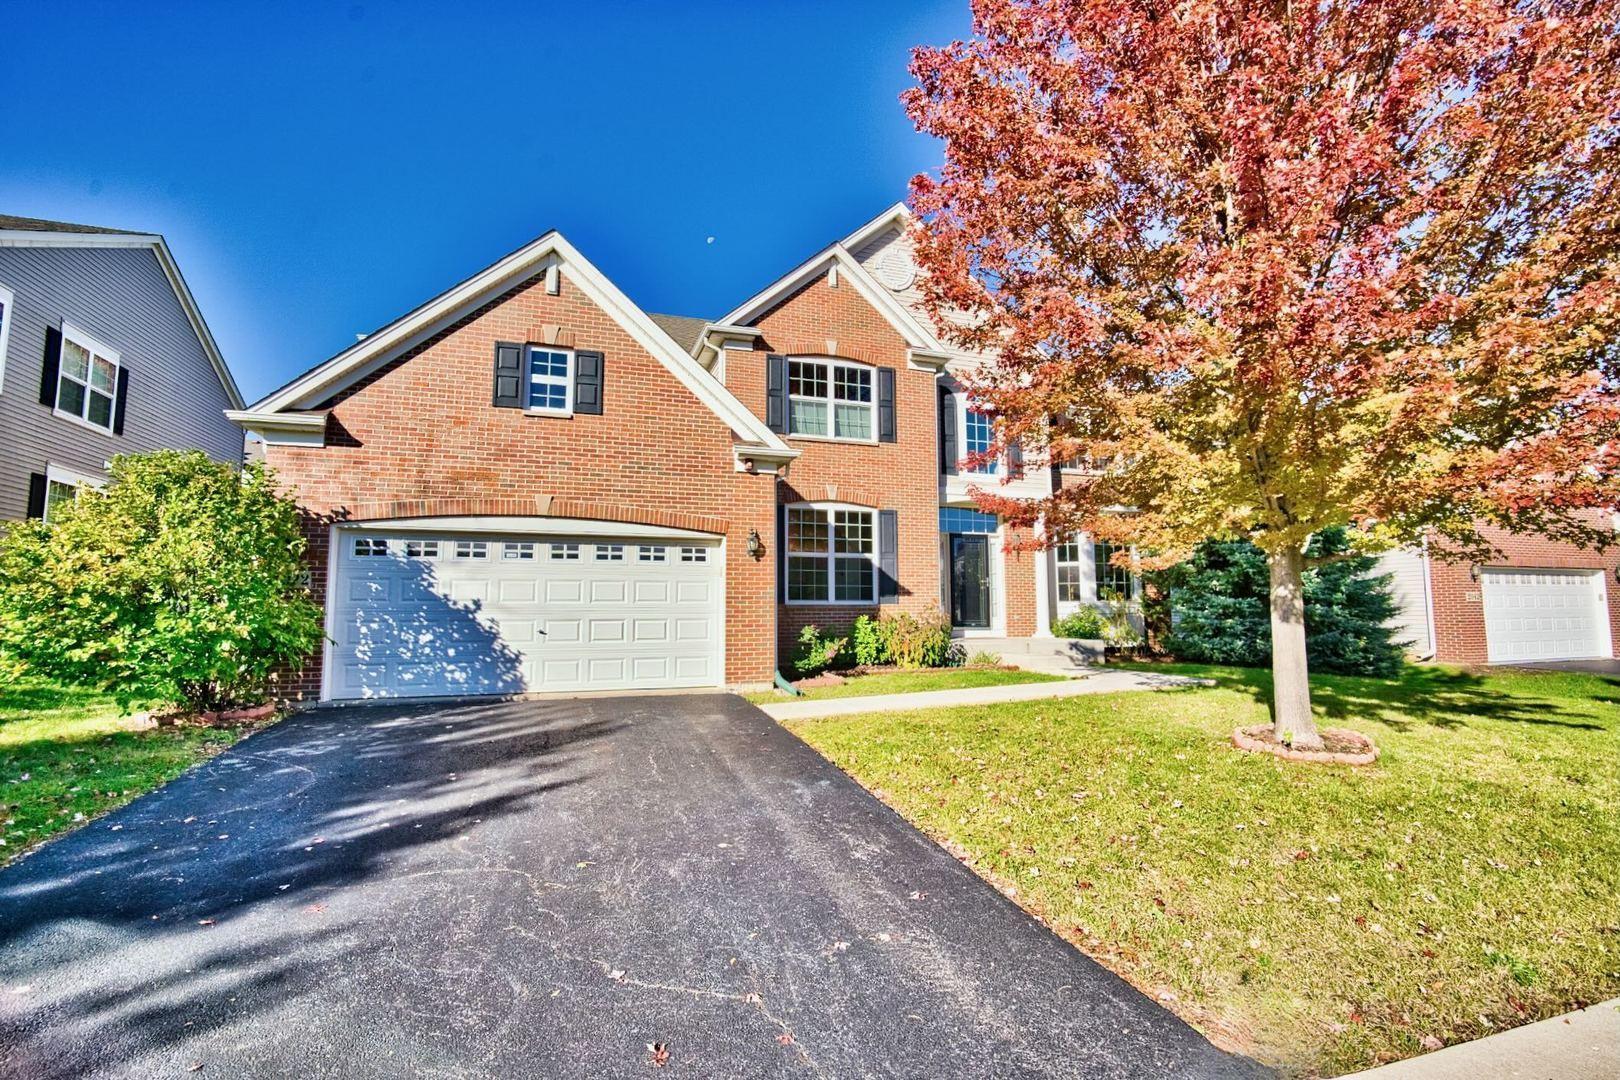 2022 Bonita Lane, Hoffman Estates, IL 60192 - #: 11256166